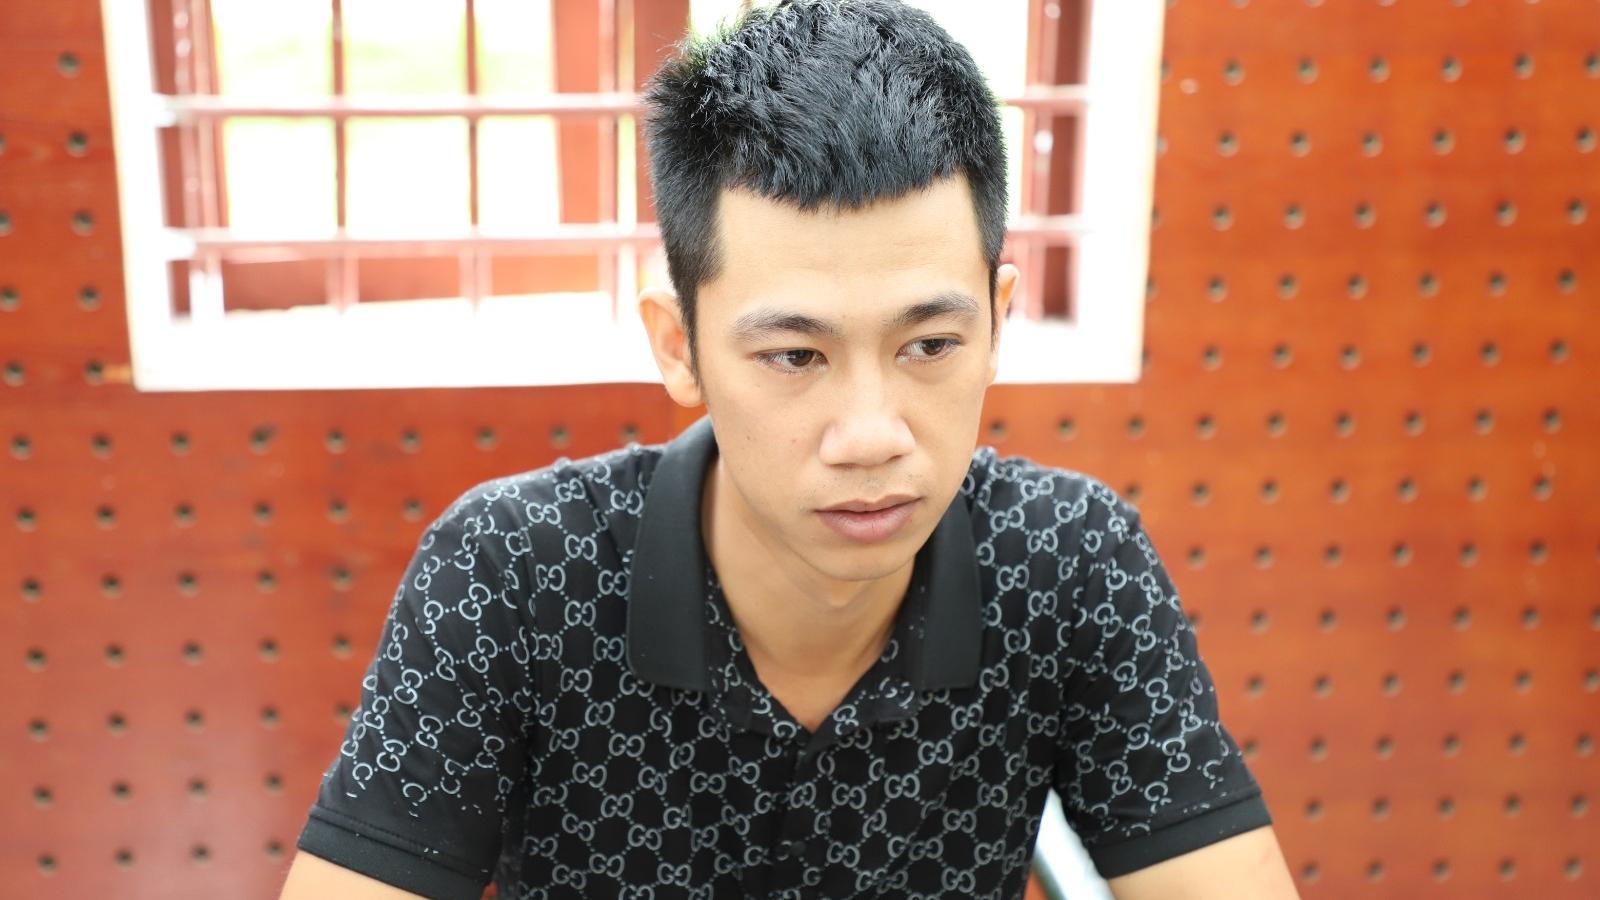 Truy bắt đối tượng dùng hung khí cướp tài sản ở Yên Bái